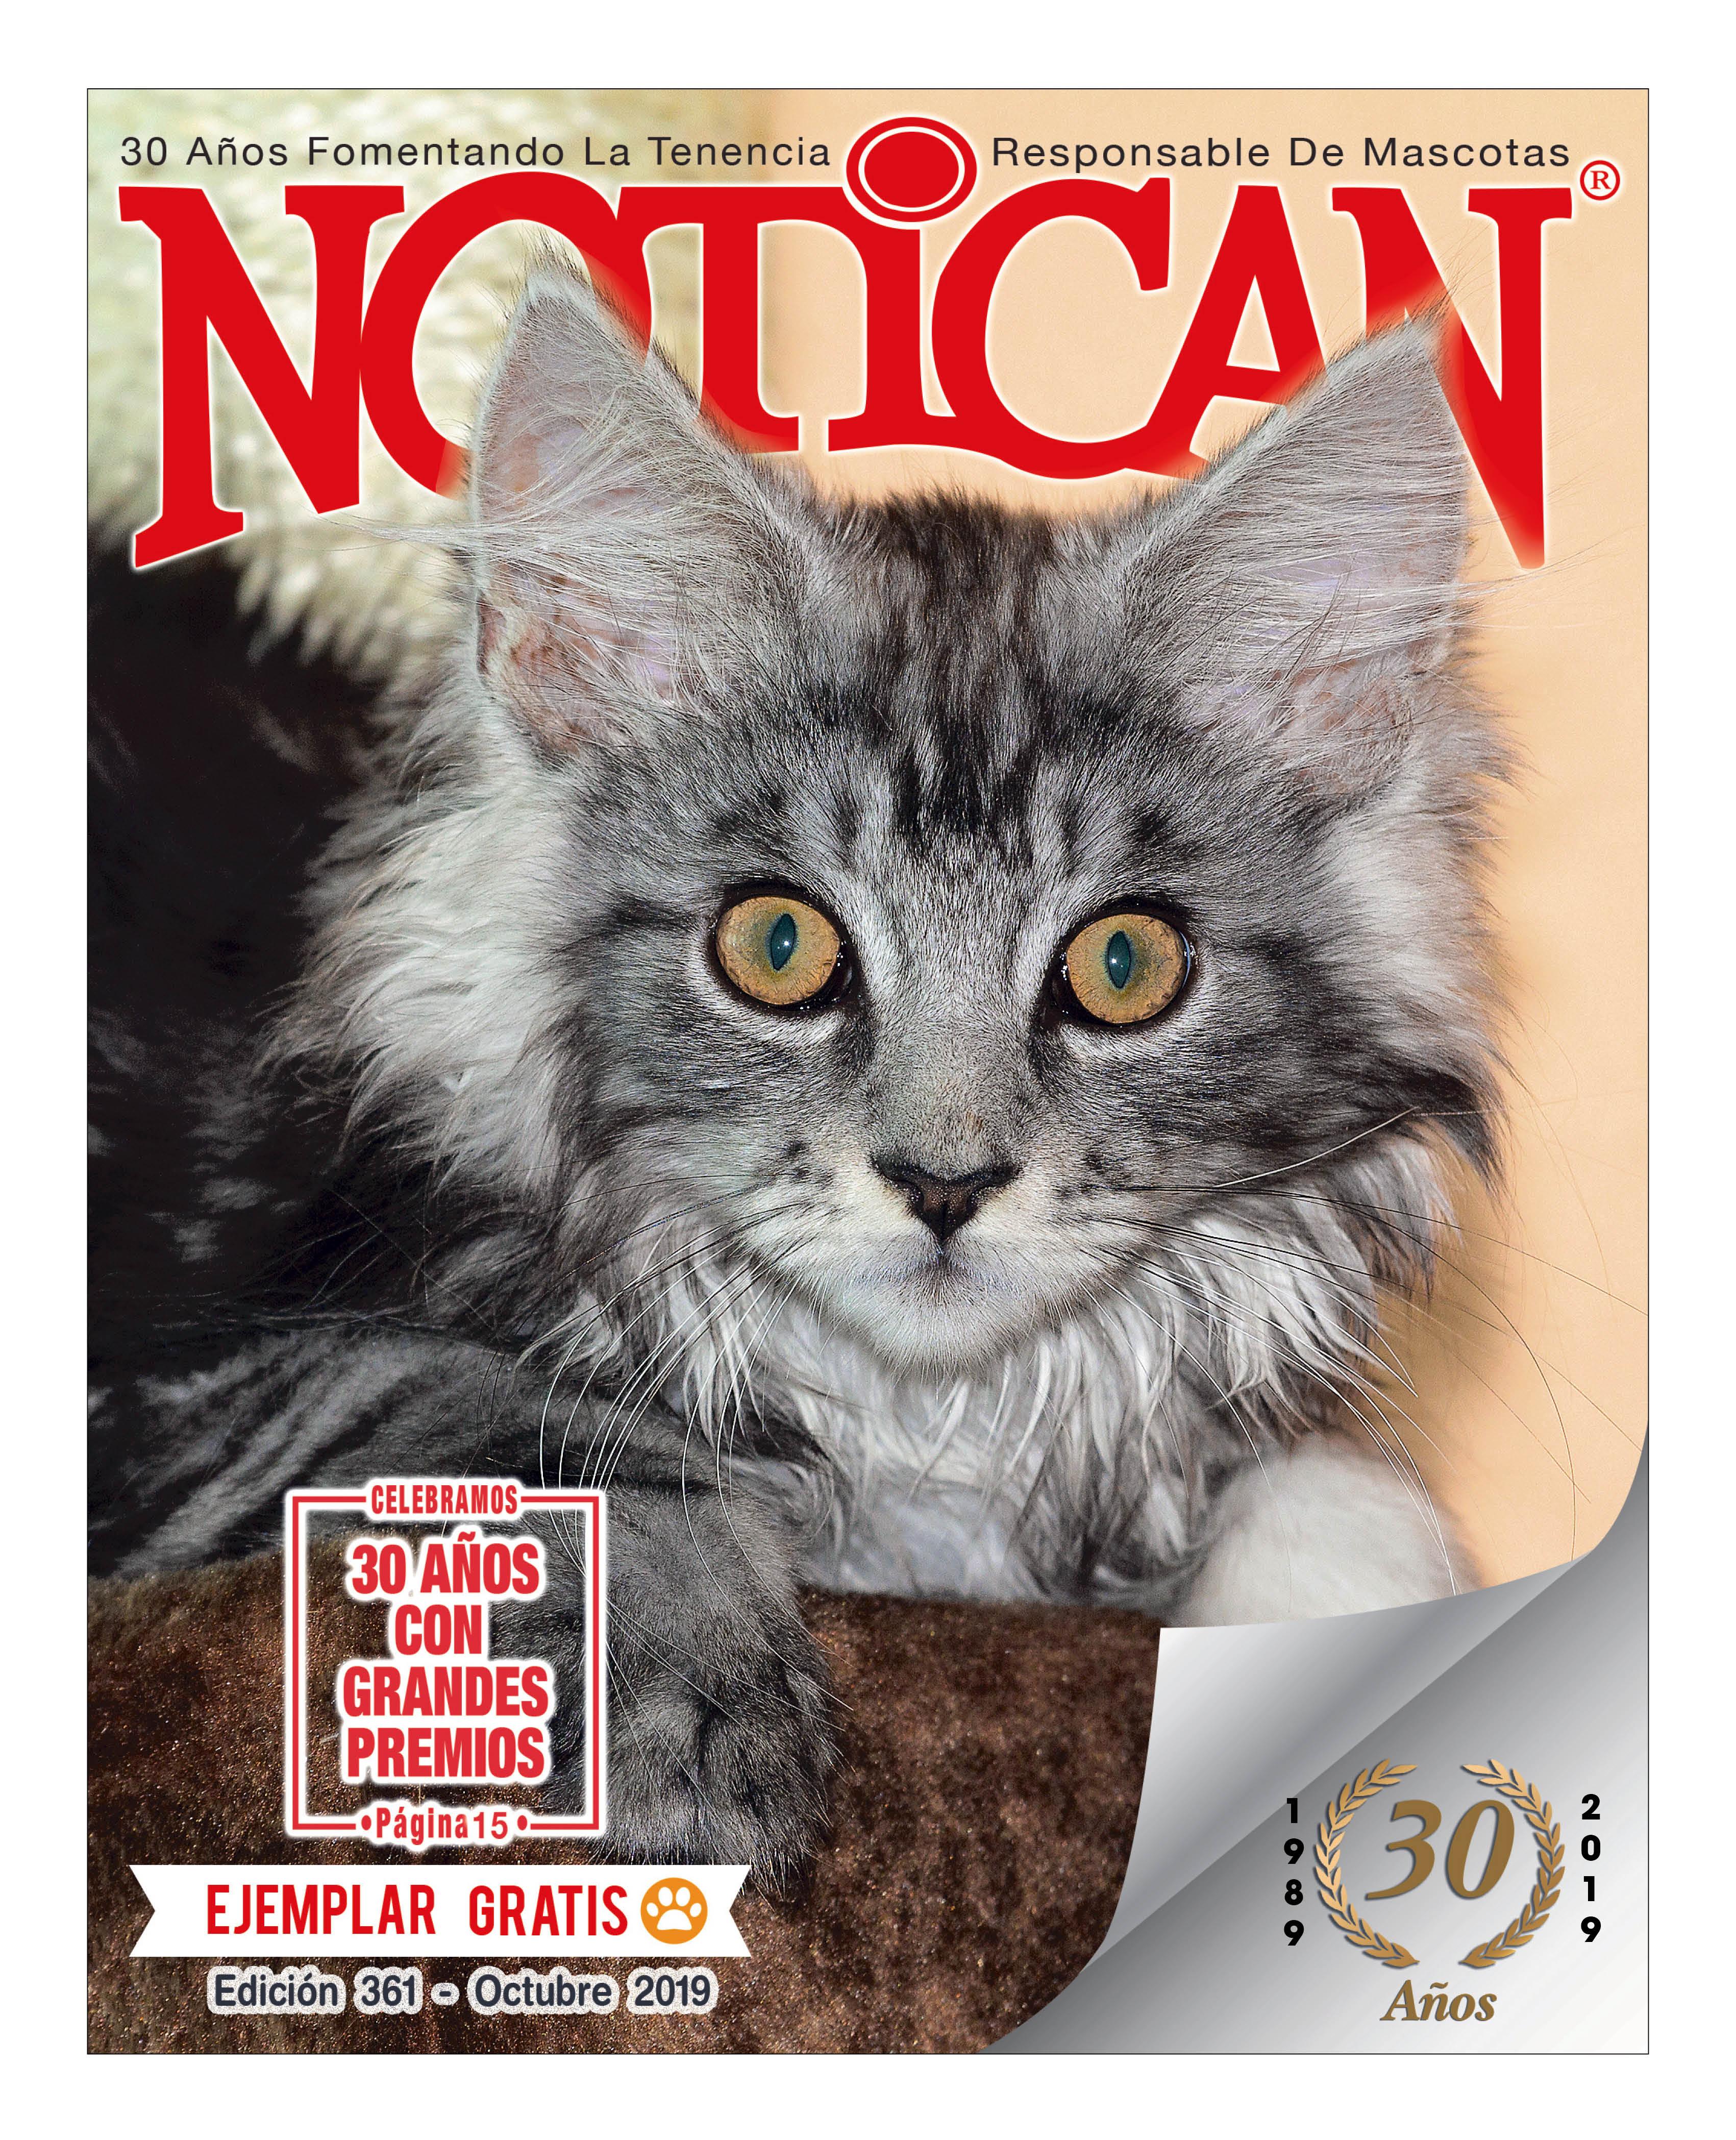 http://www.notican.com/wp-content/uploads/2017/05/Notican-Octubre-2019.jpg